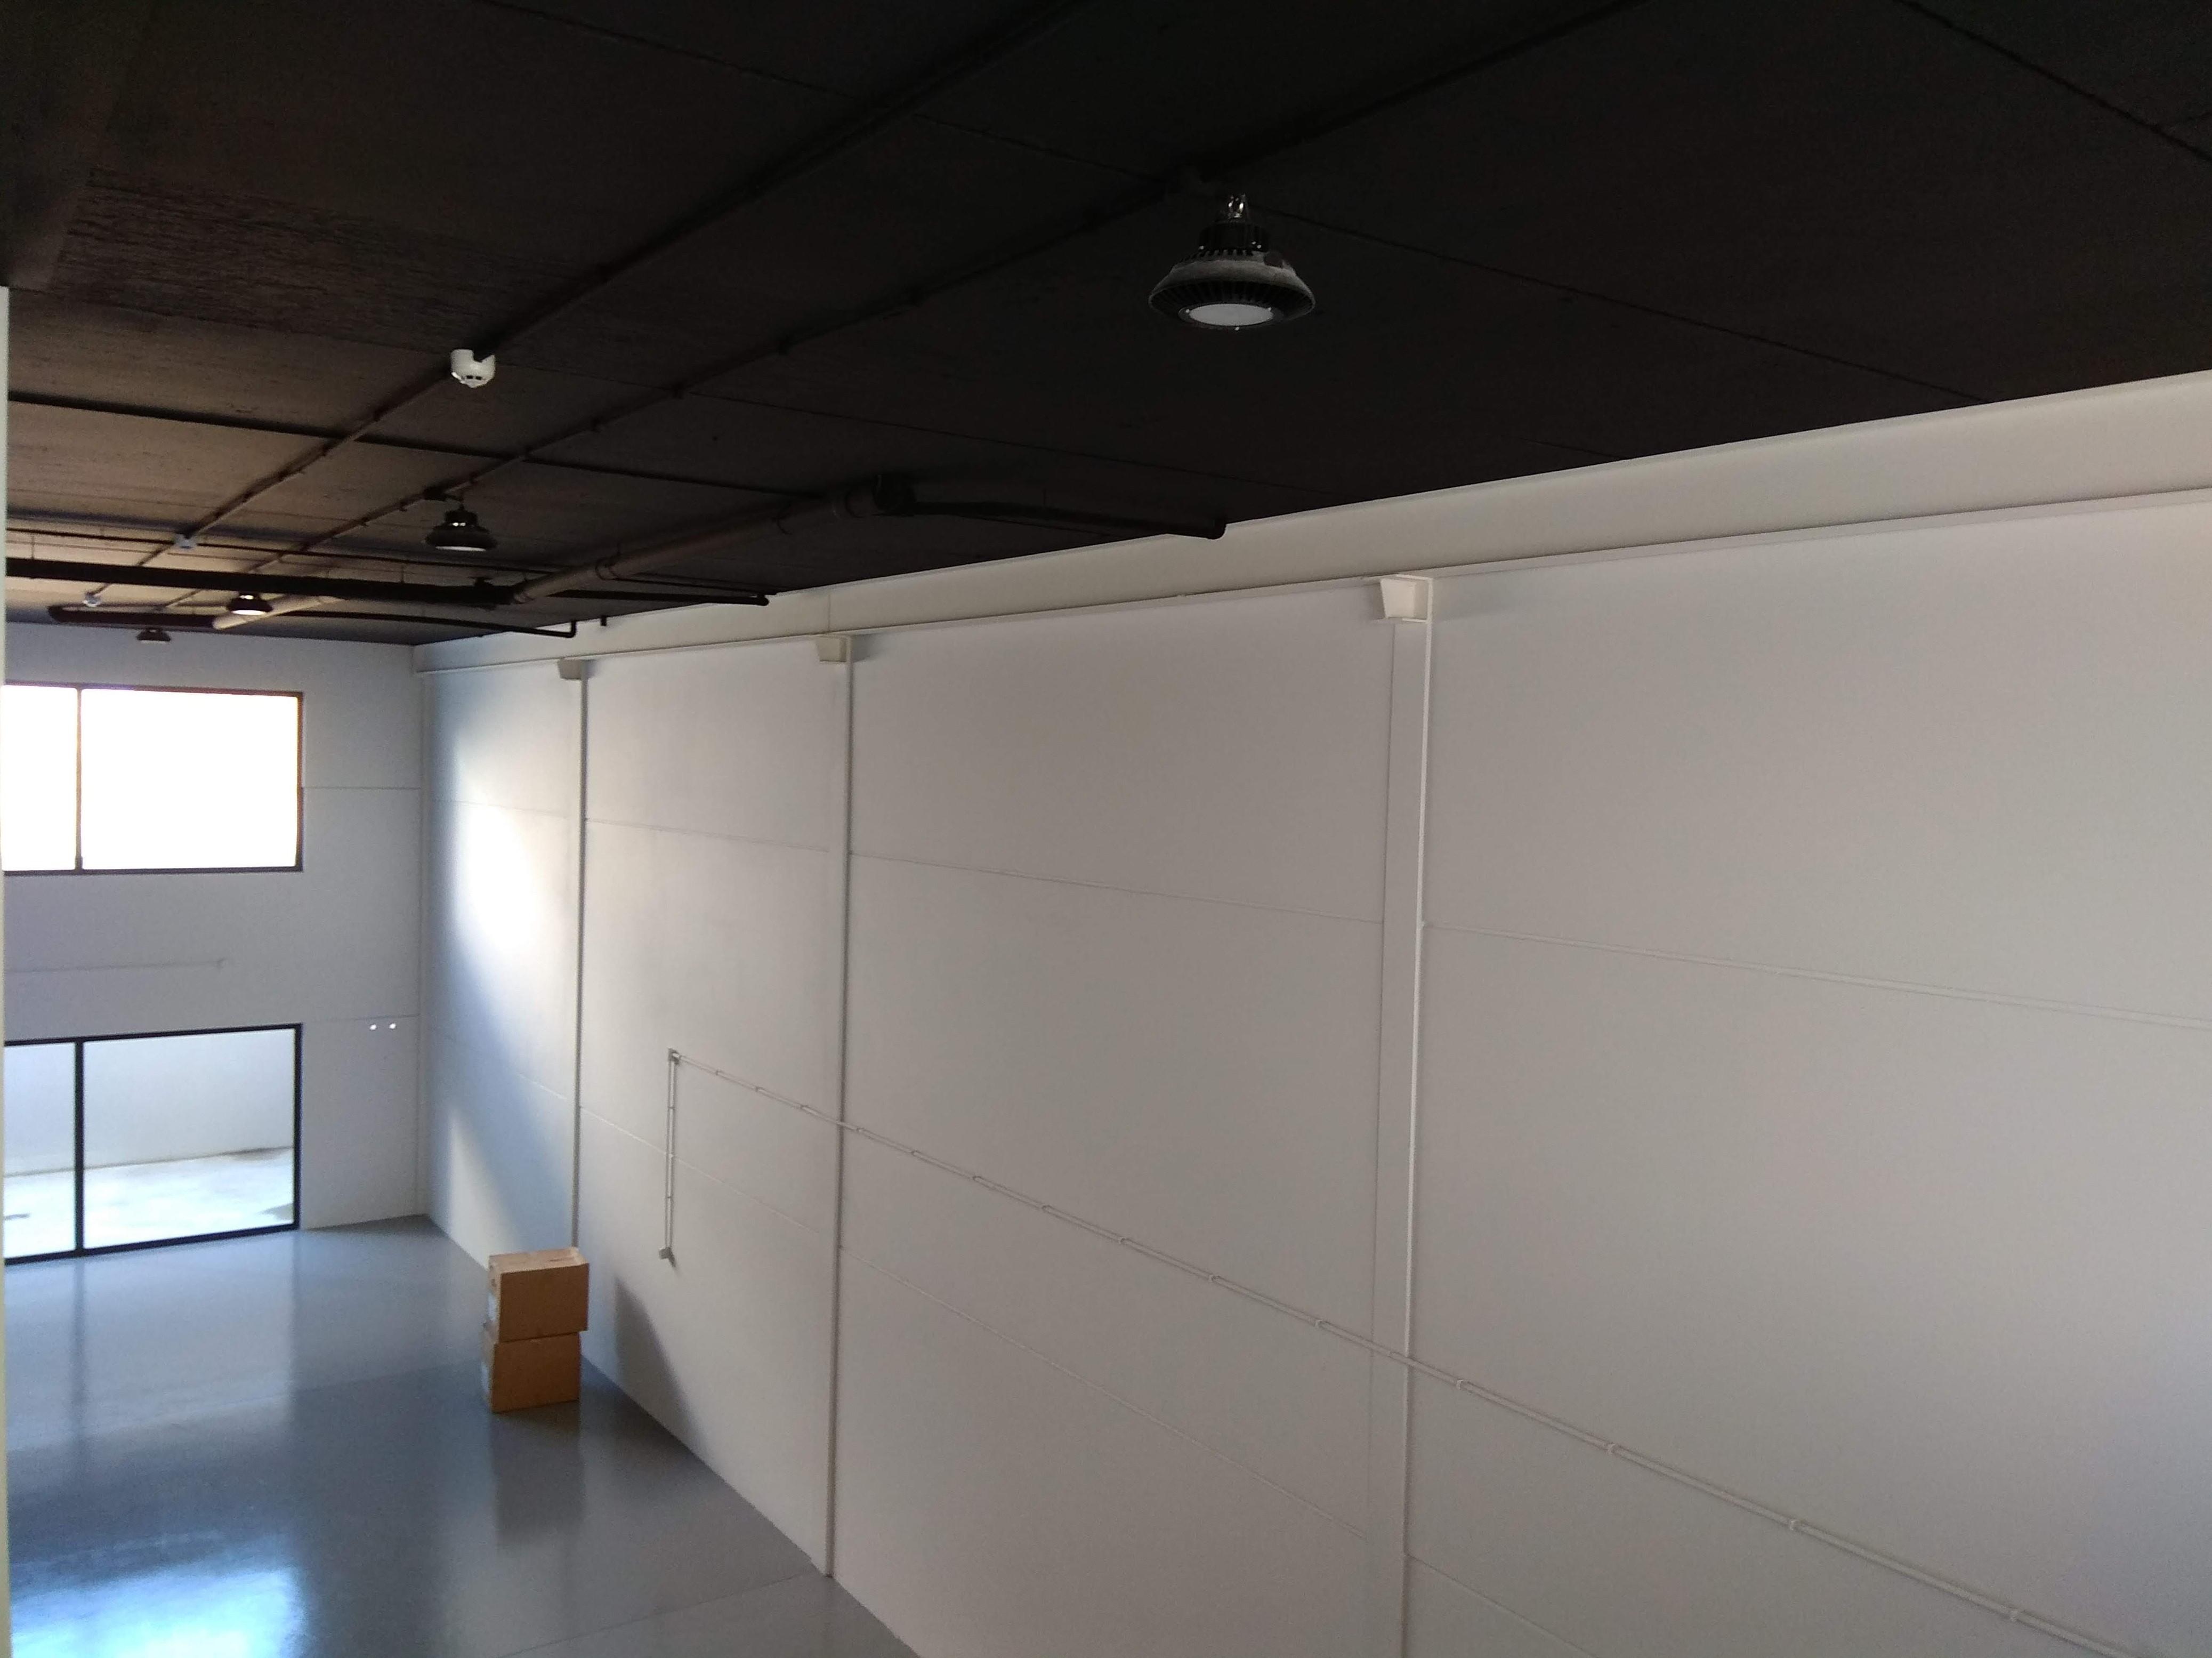 Trabajos de iluminacion y pintura en grandes superficies